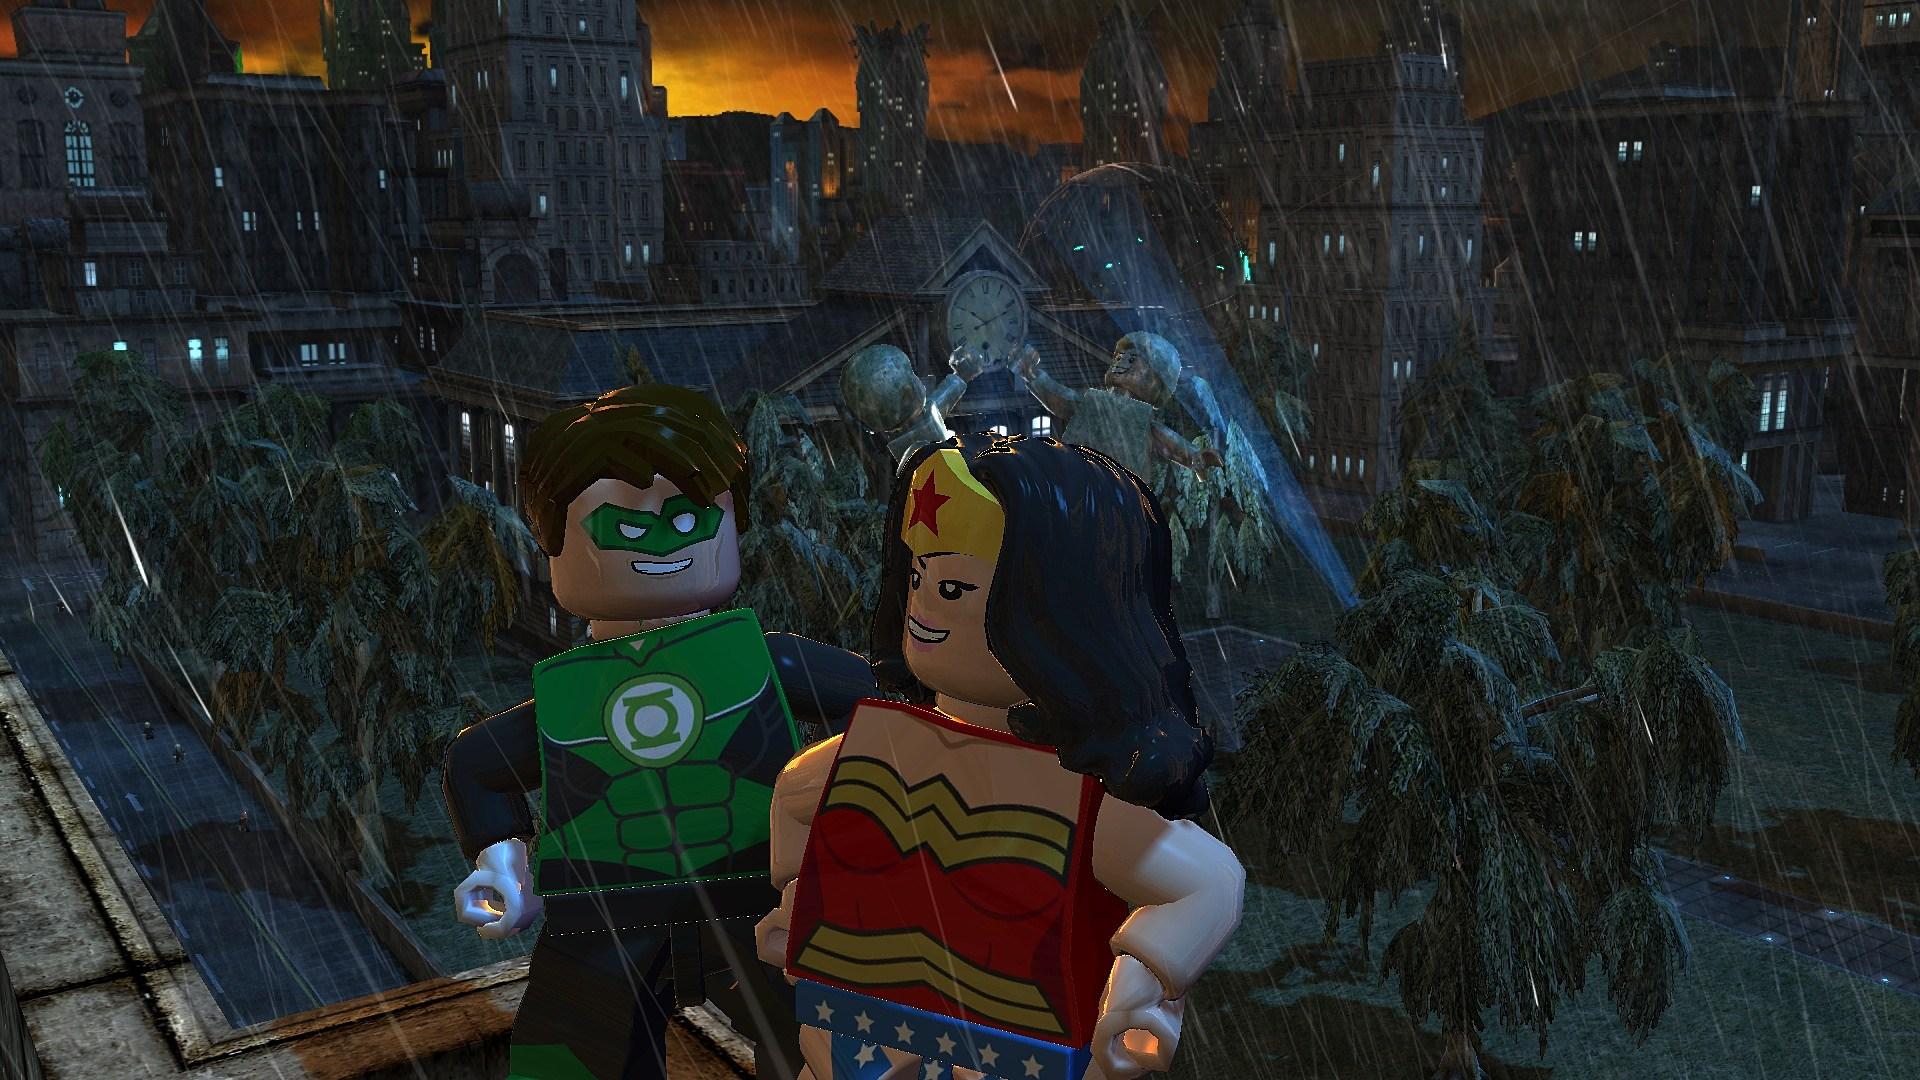 New lego batman 2 trailer and stills show off the flash aquaman